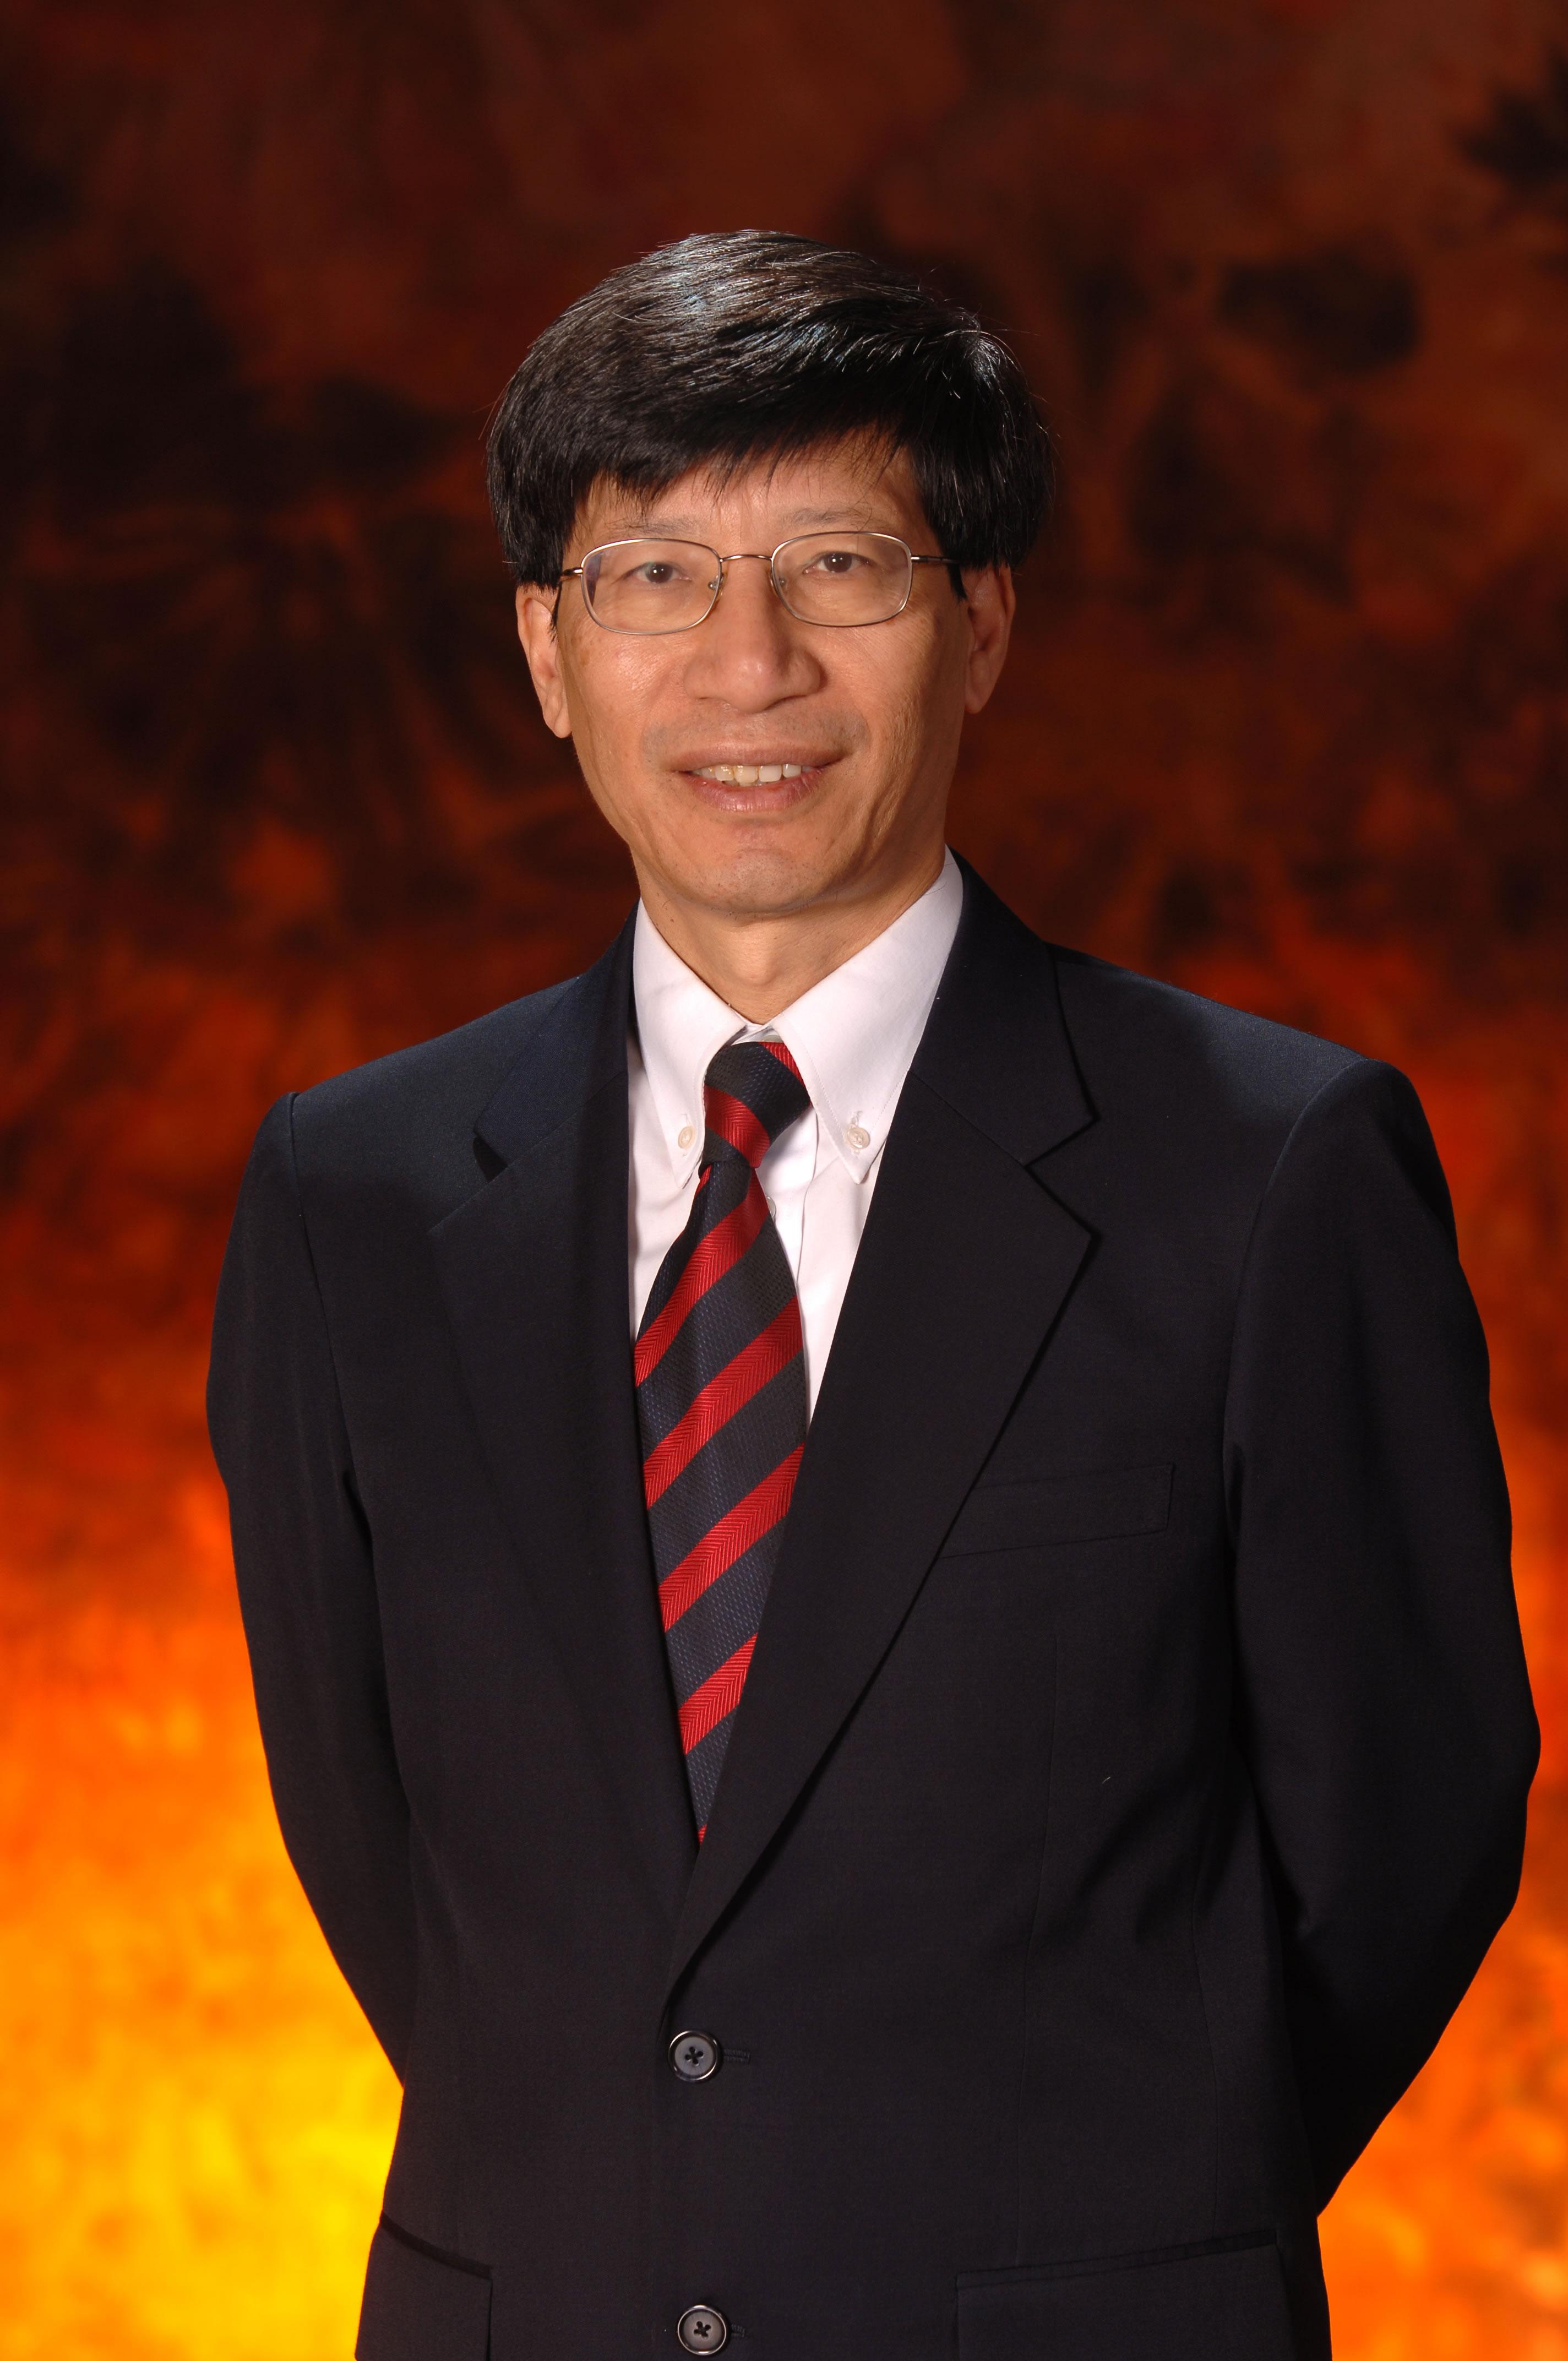 楊綱凱教授